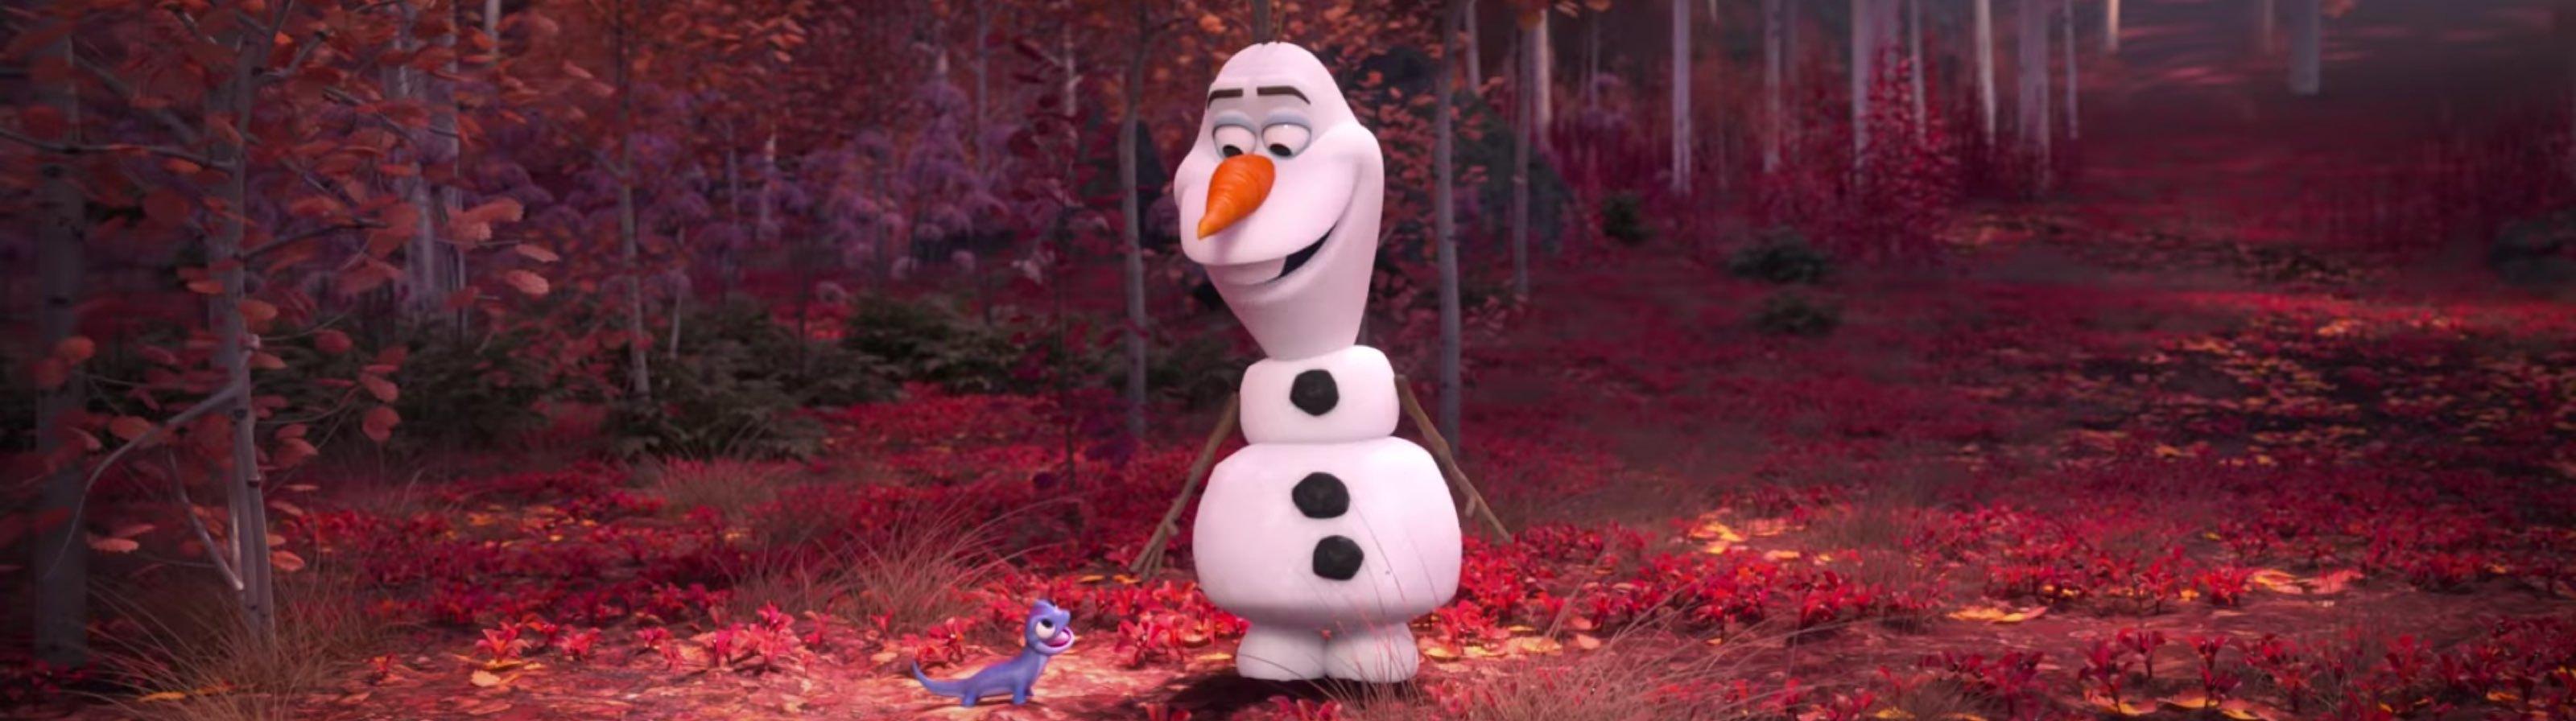 Ver cortos de En casa con Olaf